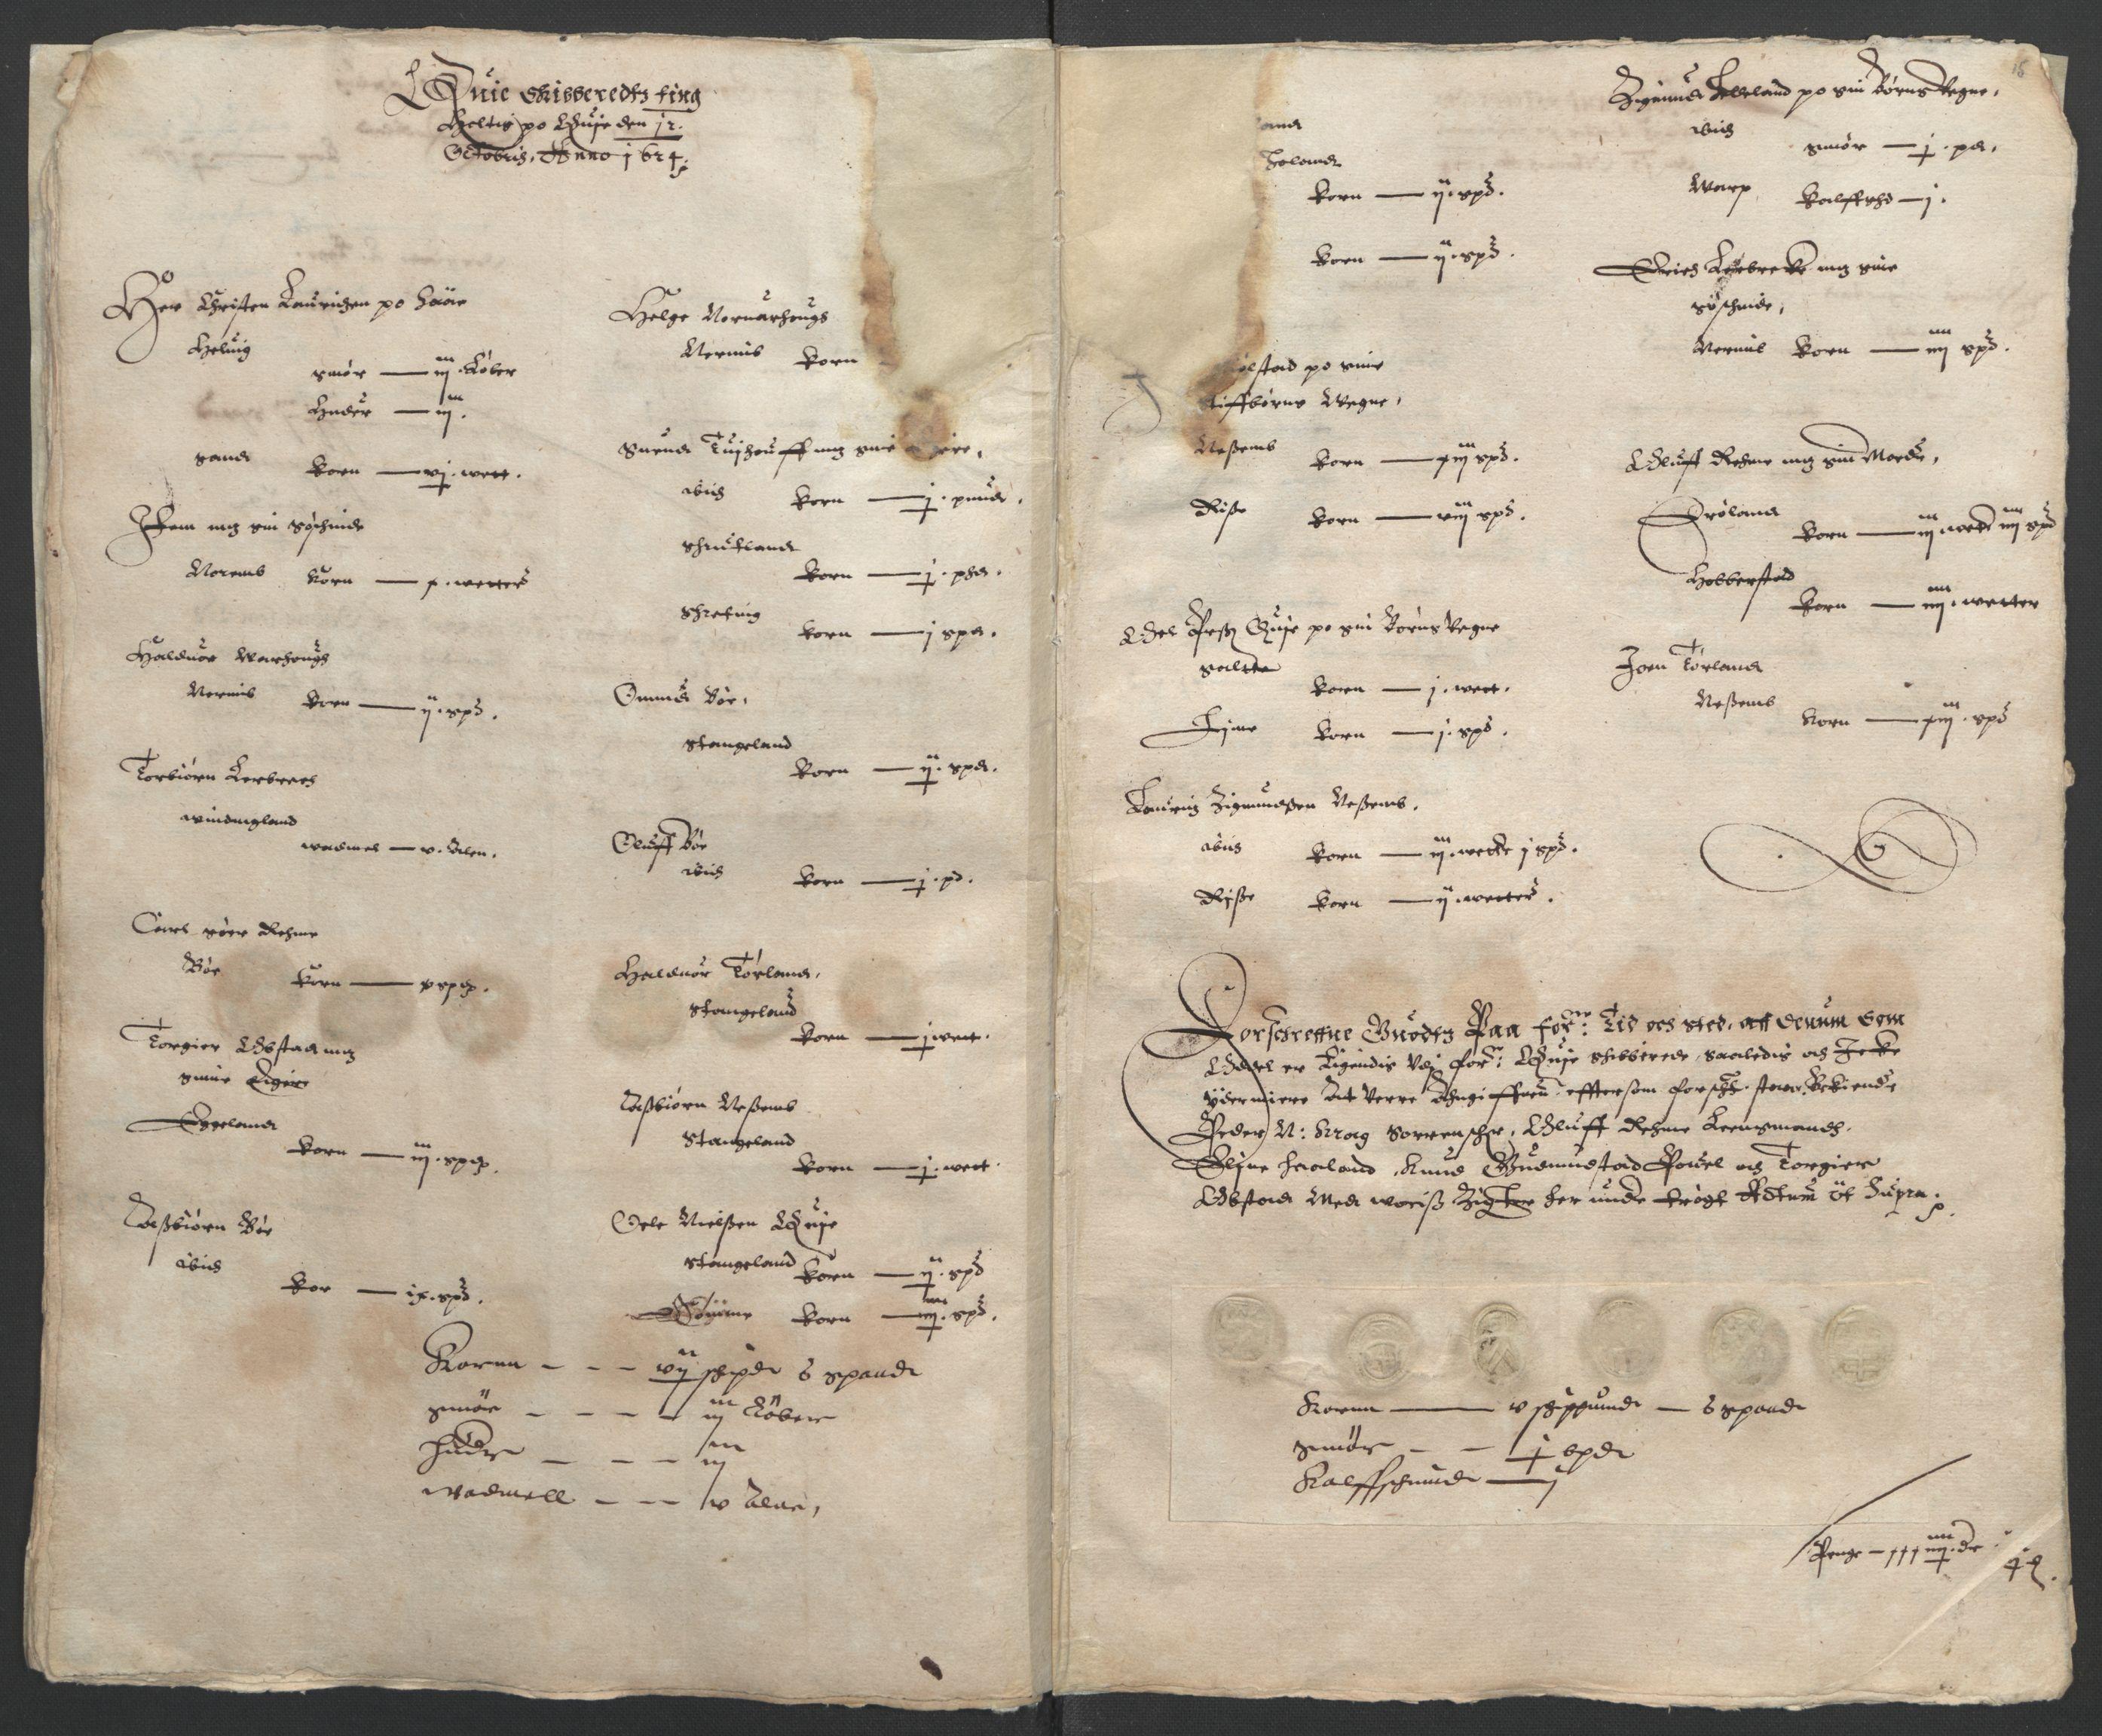 RA, Stattholderembetet 1572-1771, Ek/L0010: Jordebøker til utlikning av rosstjeneste 1624-1626:, 1624-1626, s. 49